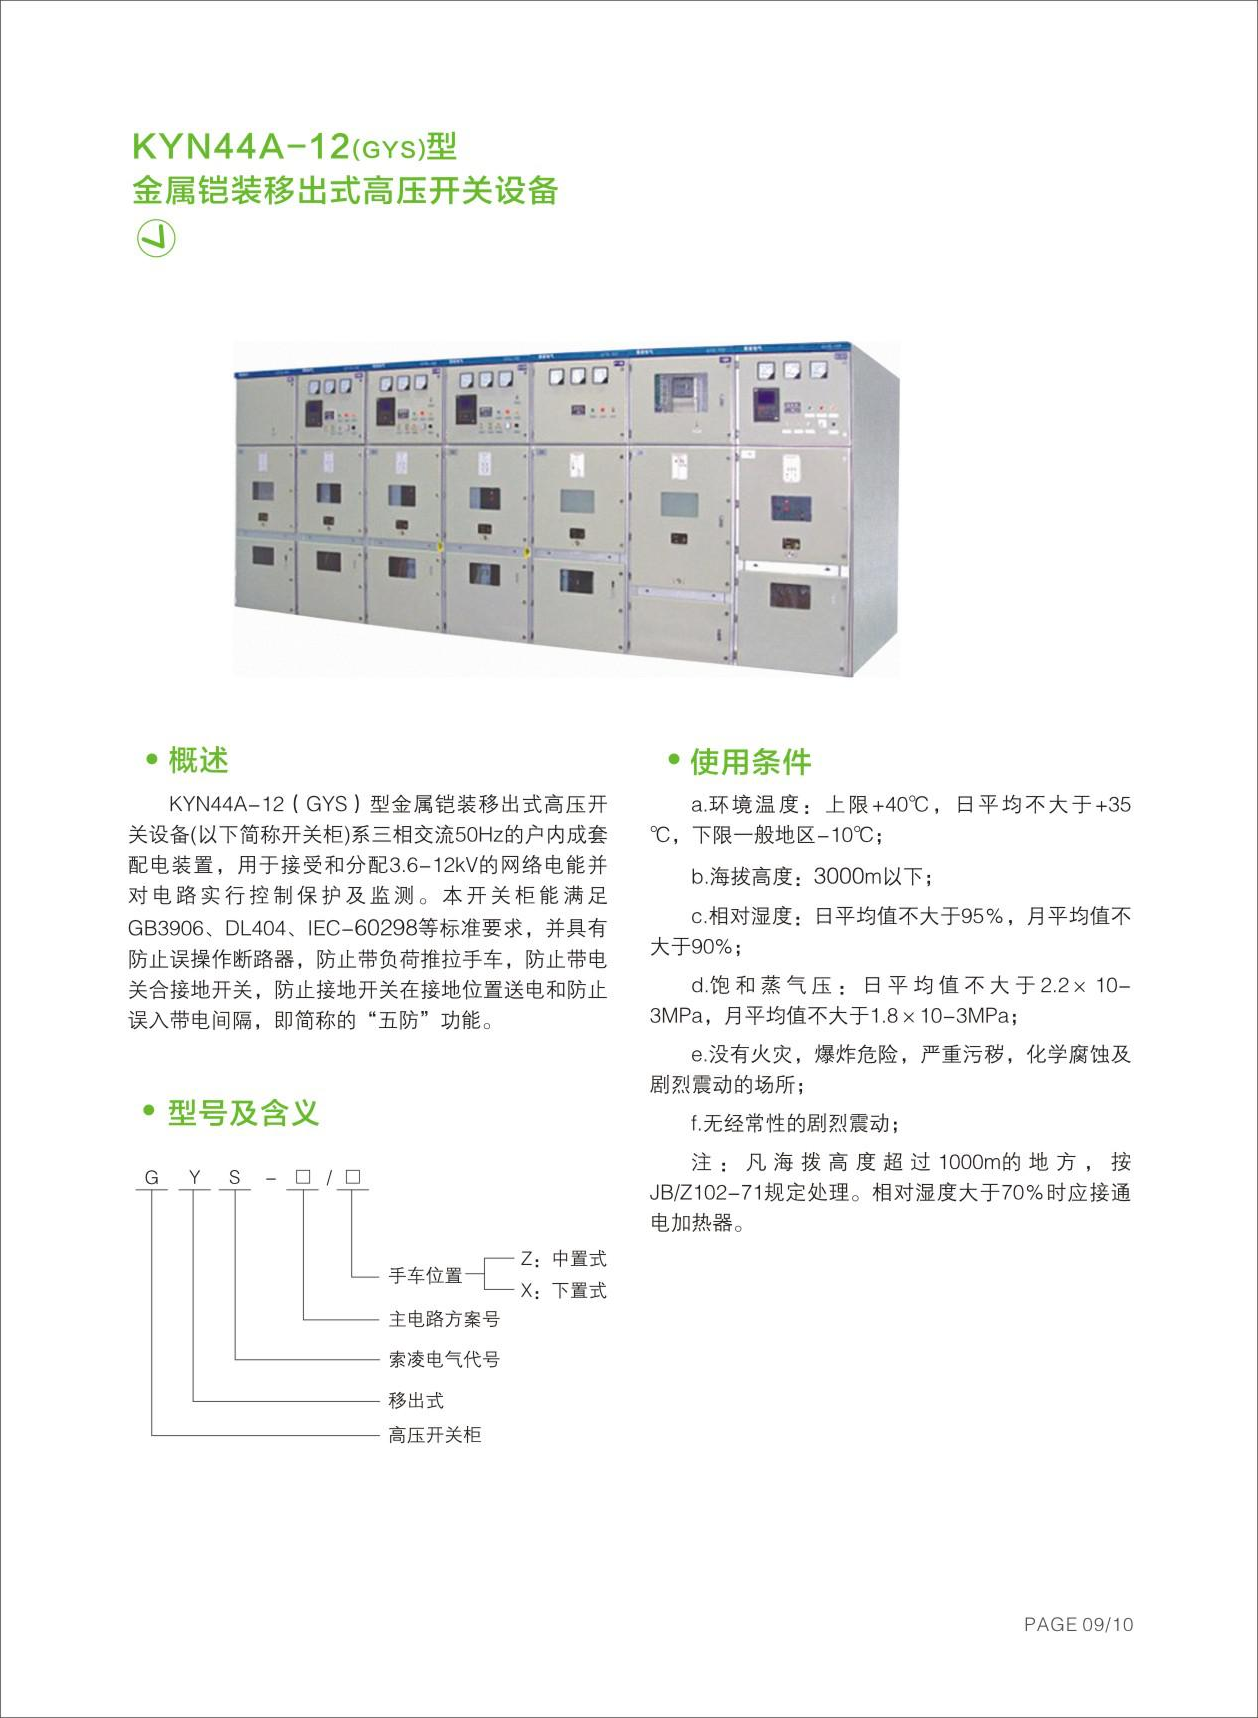 KYN44A-12-GYS型金屬鎧裝移出式高壓開關設備-0000